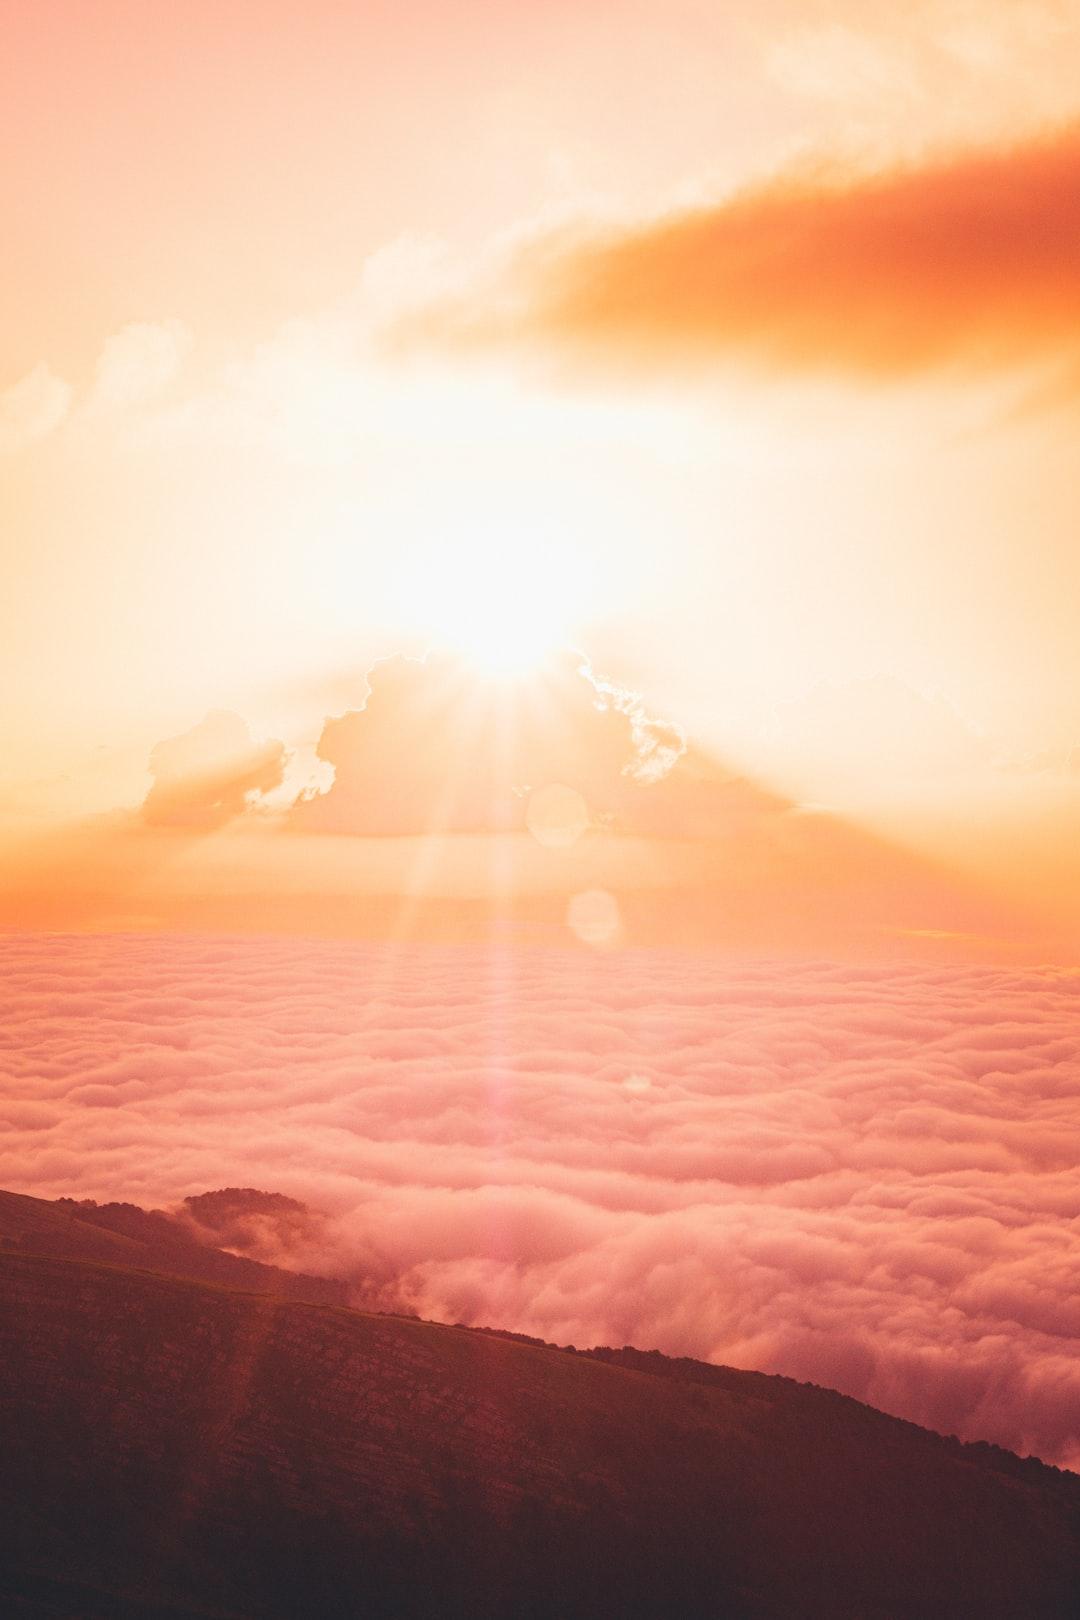 Sunrise and clouds, Cima della Laghetta, Italy  👋 Small donation -> huge appreciation paypal.me/DanieleFranchi 🙏🙏🙏